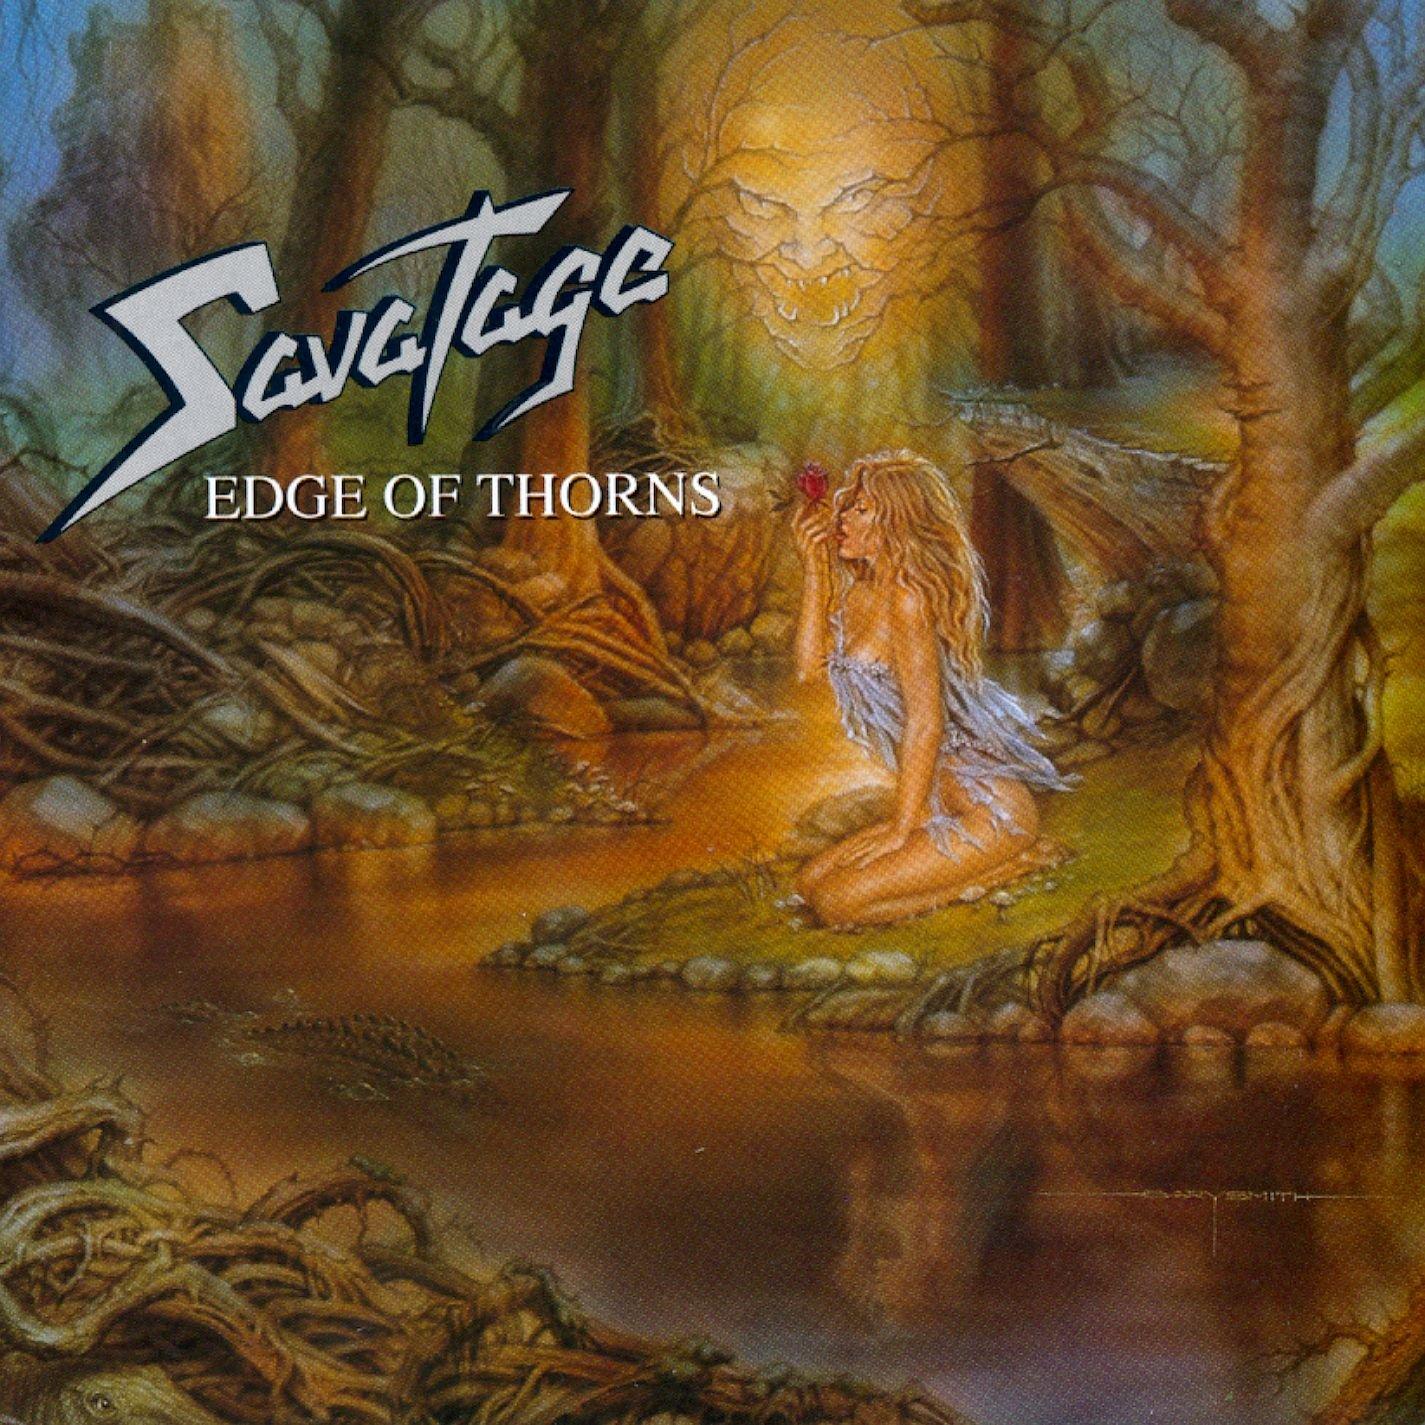 savatage edge of thorns - mega-depth